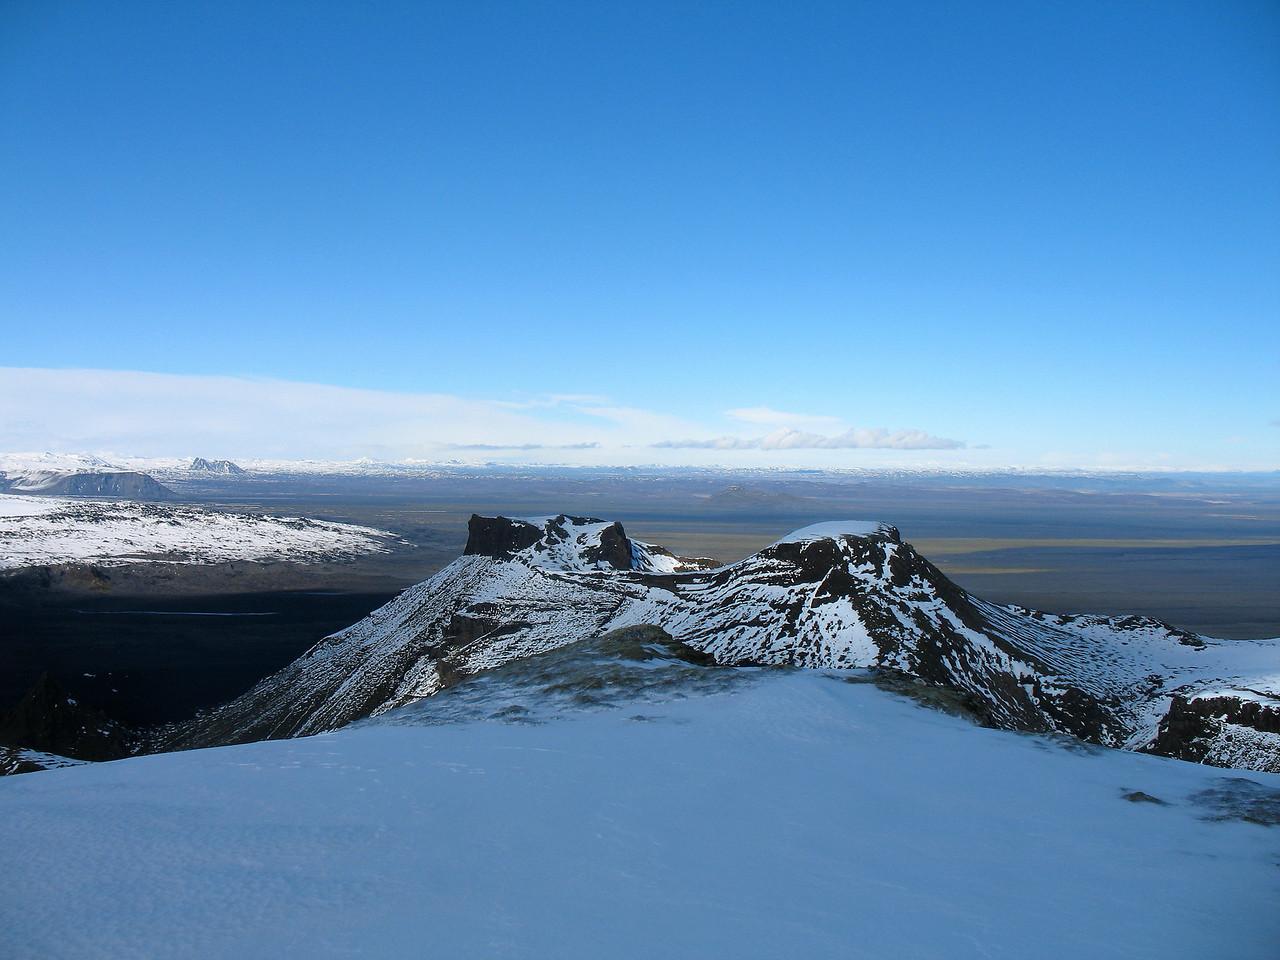 Útsýni til norðausturs af tindi Skálarfjalls. Næst er Kistufell. Vinstra megin í mynd, handan Höfðabrekkujökuls (eða Kötlujökuls), má greina Einhyrning bera við himin, Sandfell nær.